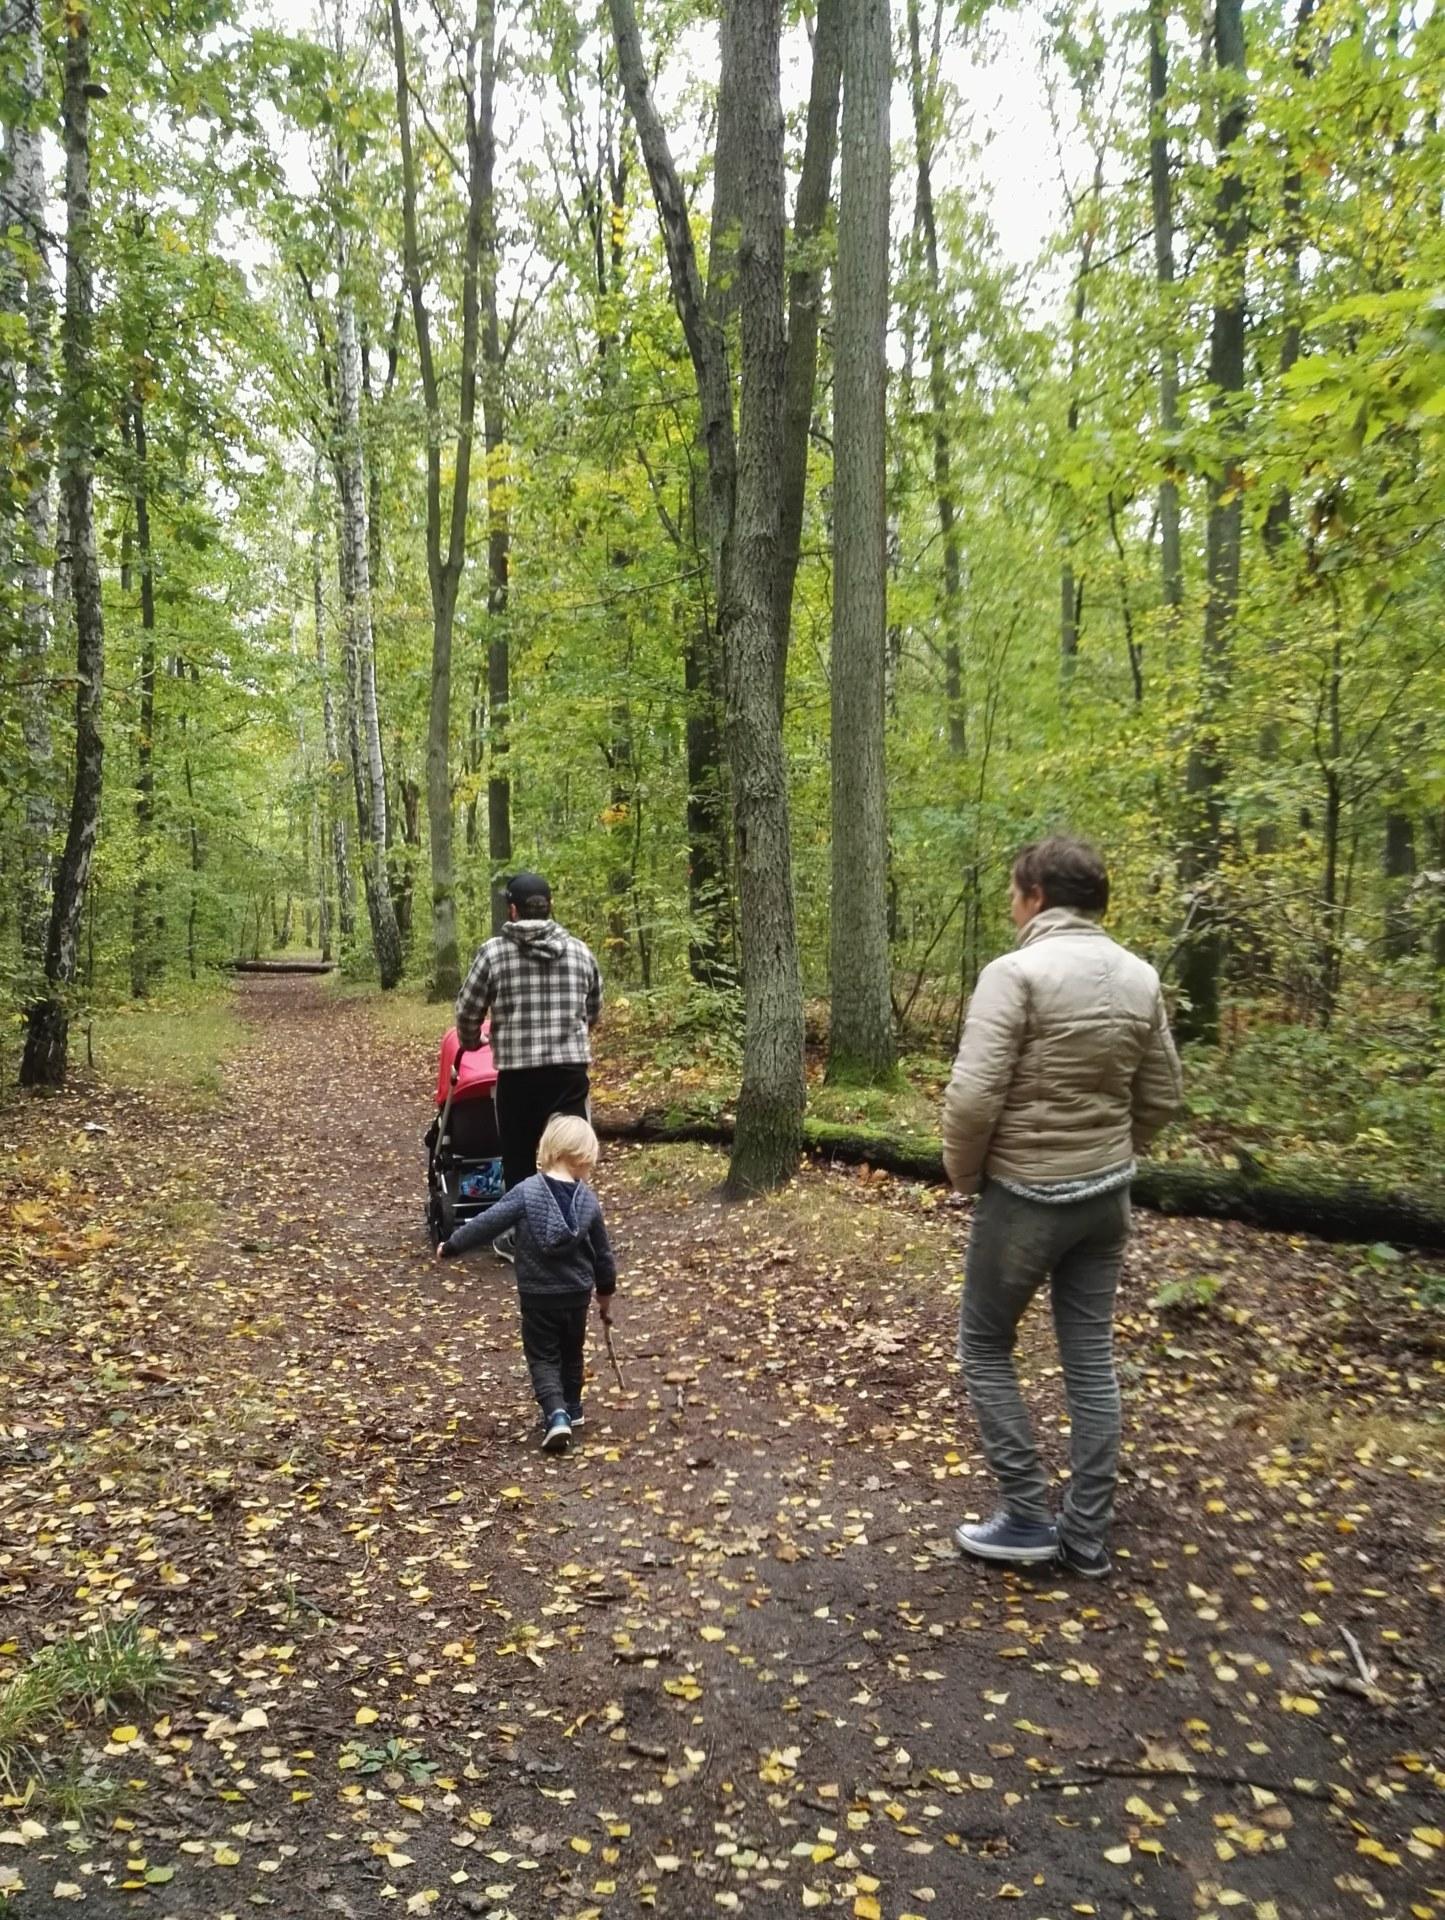 Na leśniej ścieżce spacerują dwie osoby z dzieckiem i wózkiem.